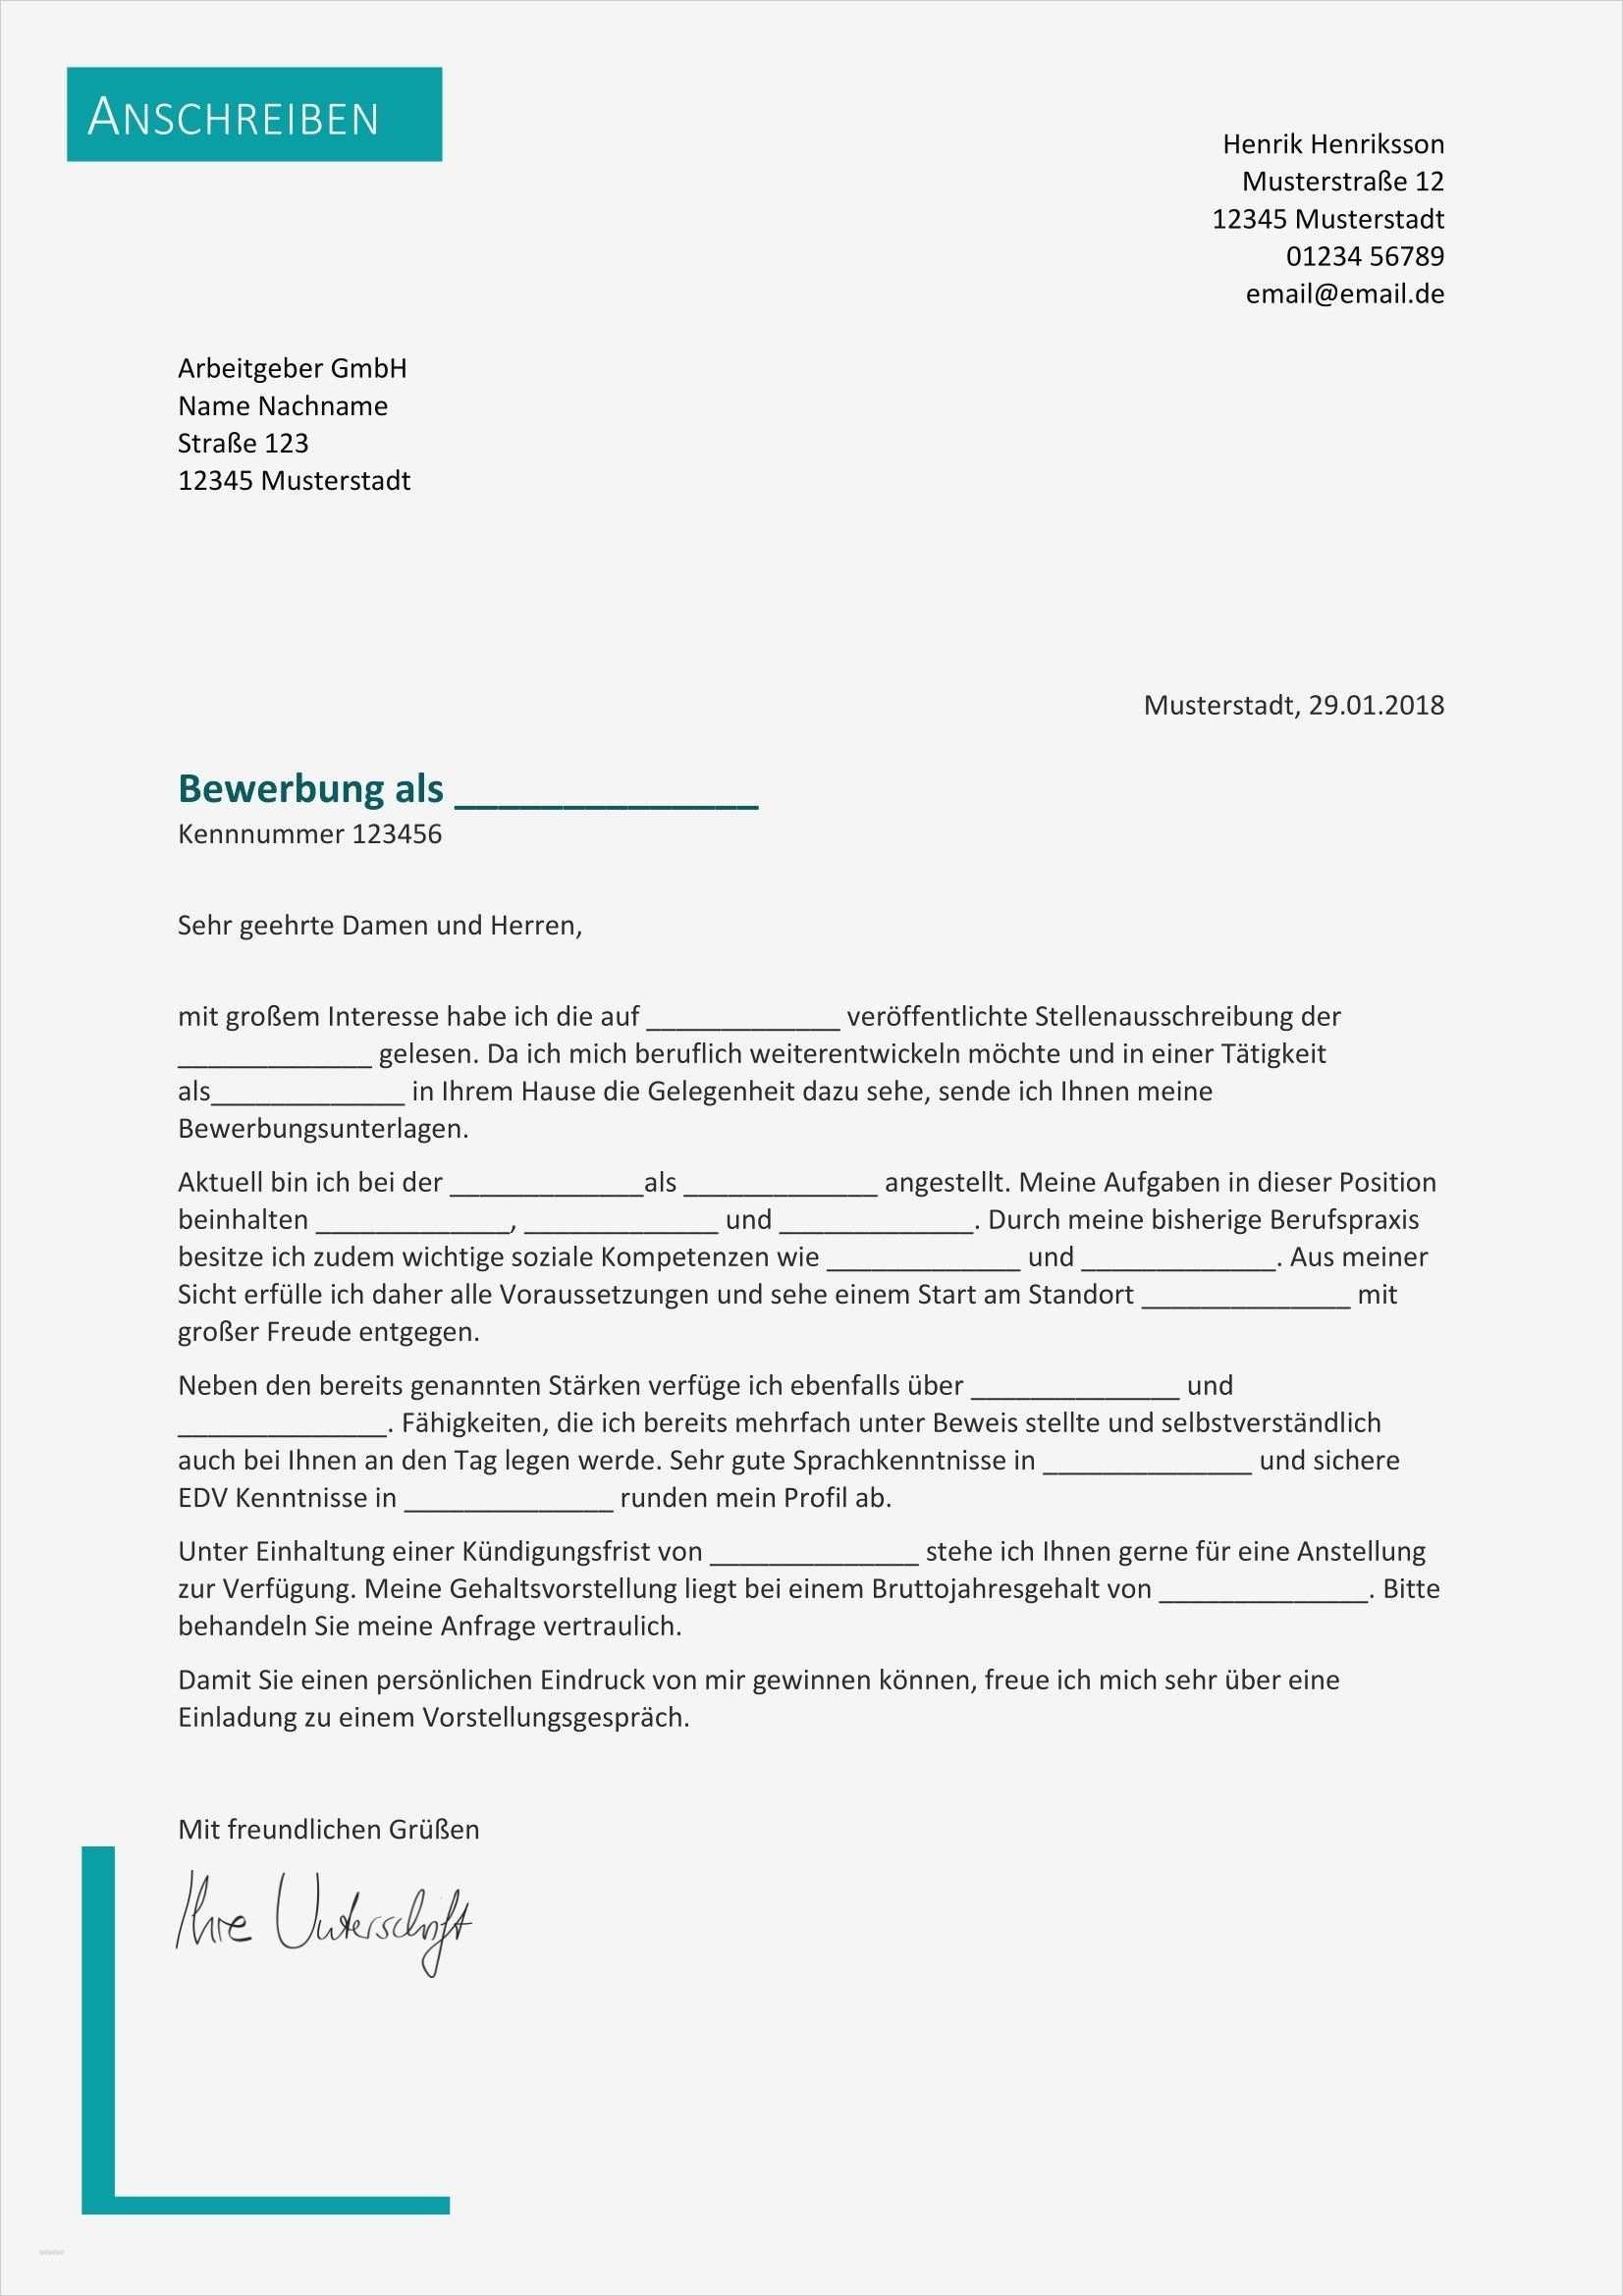 Neu Bewerbung Von Zeitarbeit In Festanstellung Muster Briefprobe Briefformat Briefvorlage Bewerbung Schreiben Bewerbung Anschreiben Muster Vorlage Bewerbung